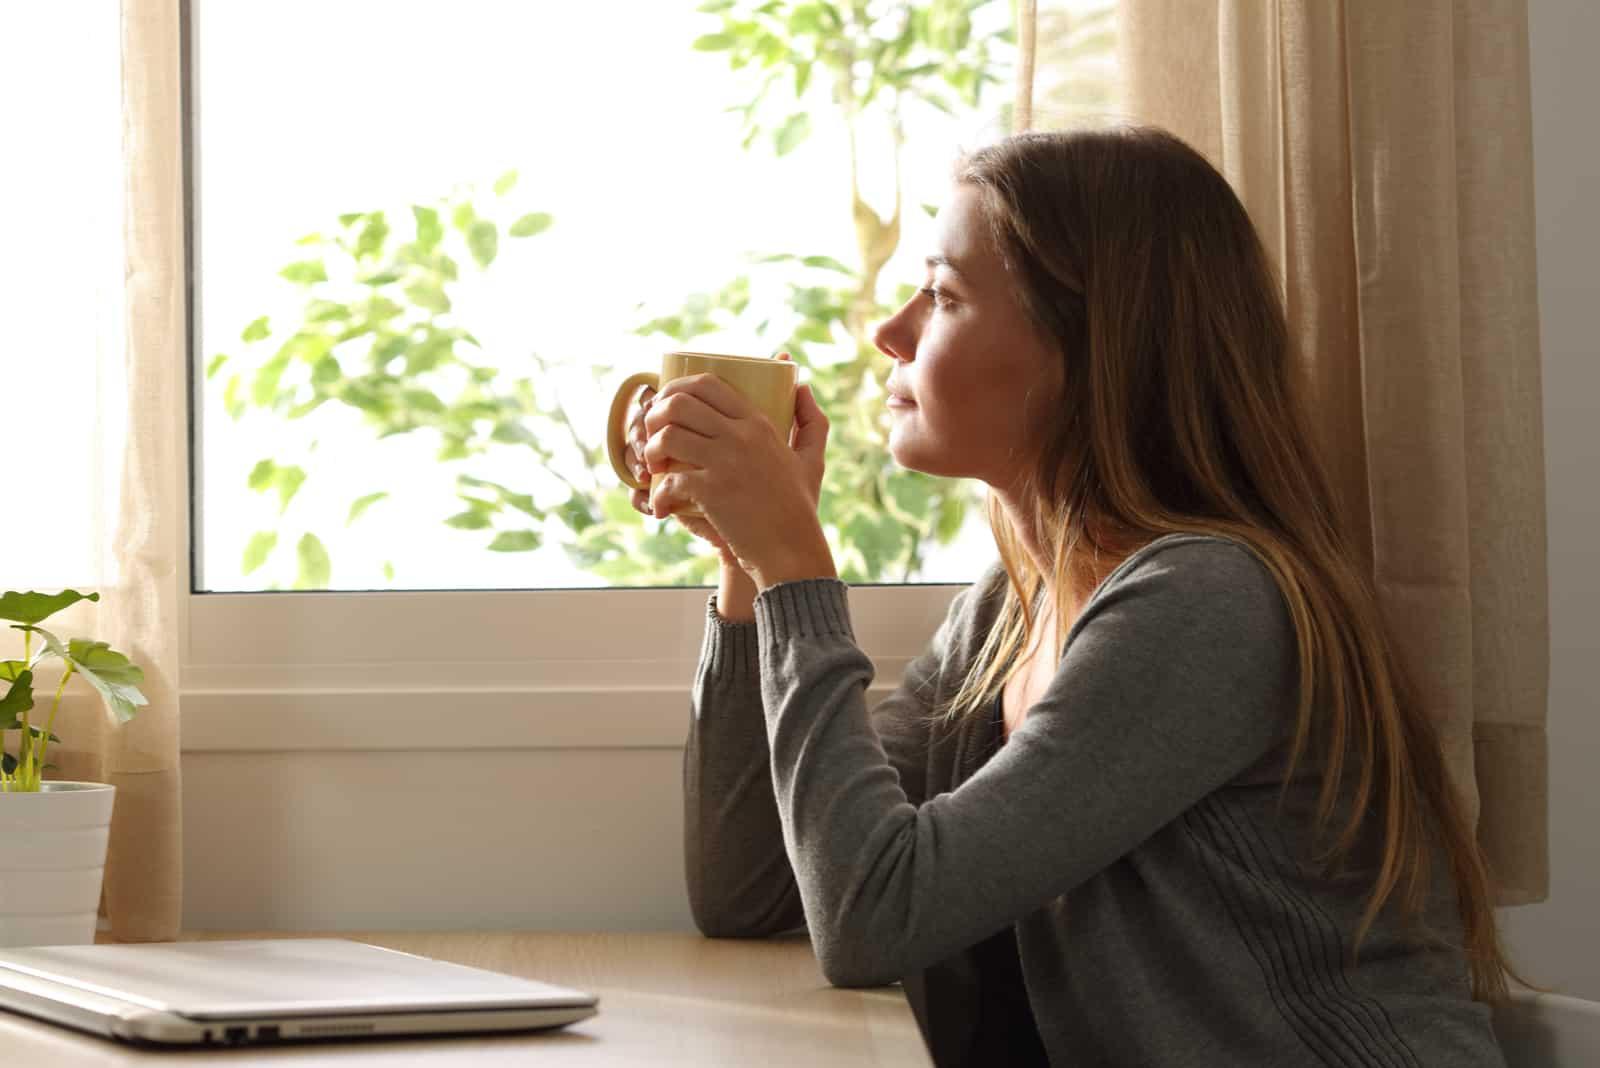 Une femme imaginaire aux longs cheveux blonds tient une tasse à la main et regarde par la fenêtre